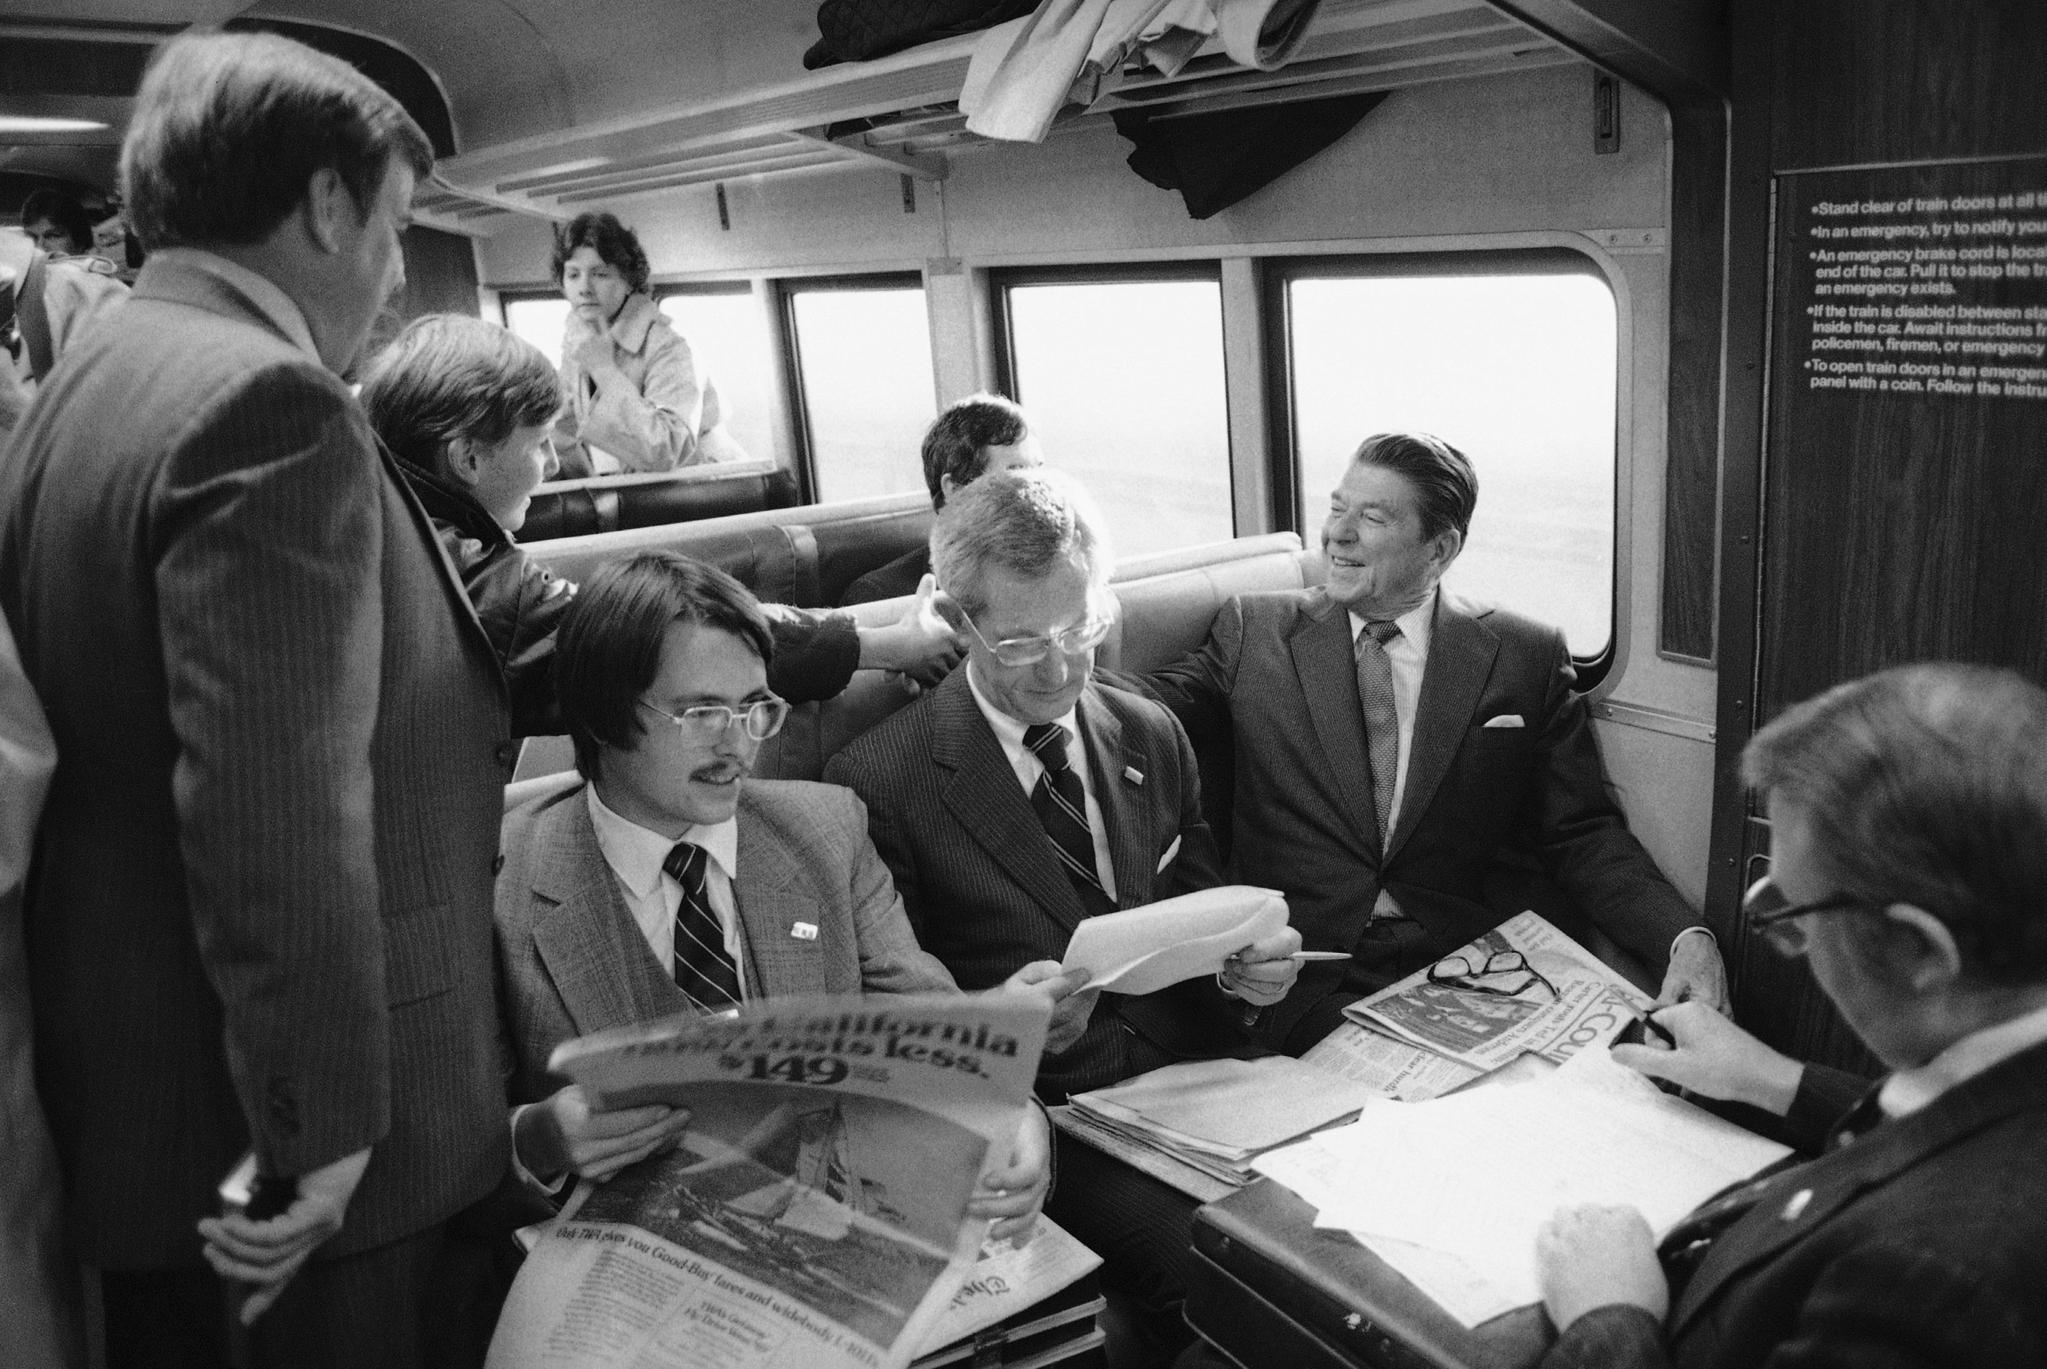 미국 로널드 레이건 공화당 대통령 후보가 1980년 3월 19일 열차를 타고 코네티컷 주 뉴헤이븐에서 뉴욕 그랜드 센트럴역으로 통근하는 사람들과 악수하고 있다. [AP=연합뉴스]